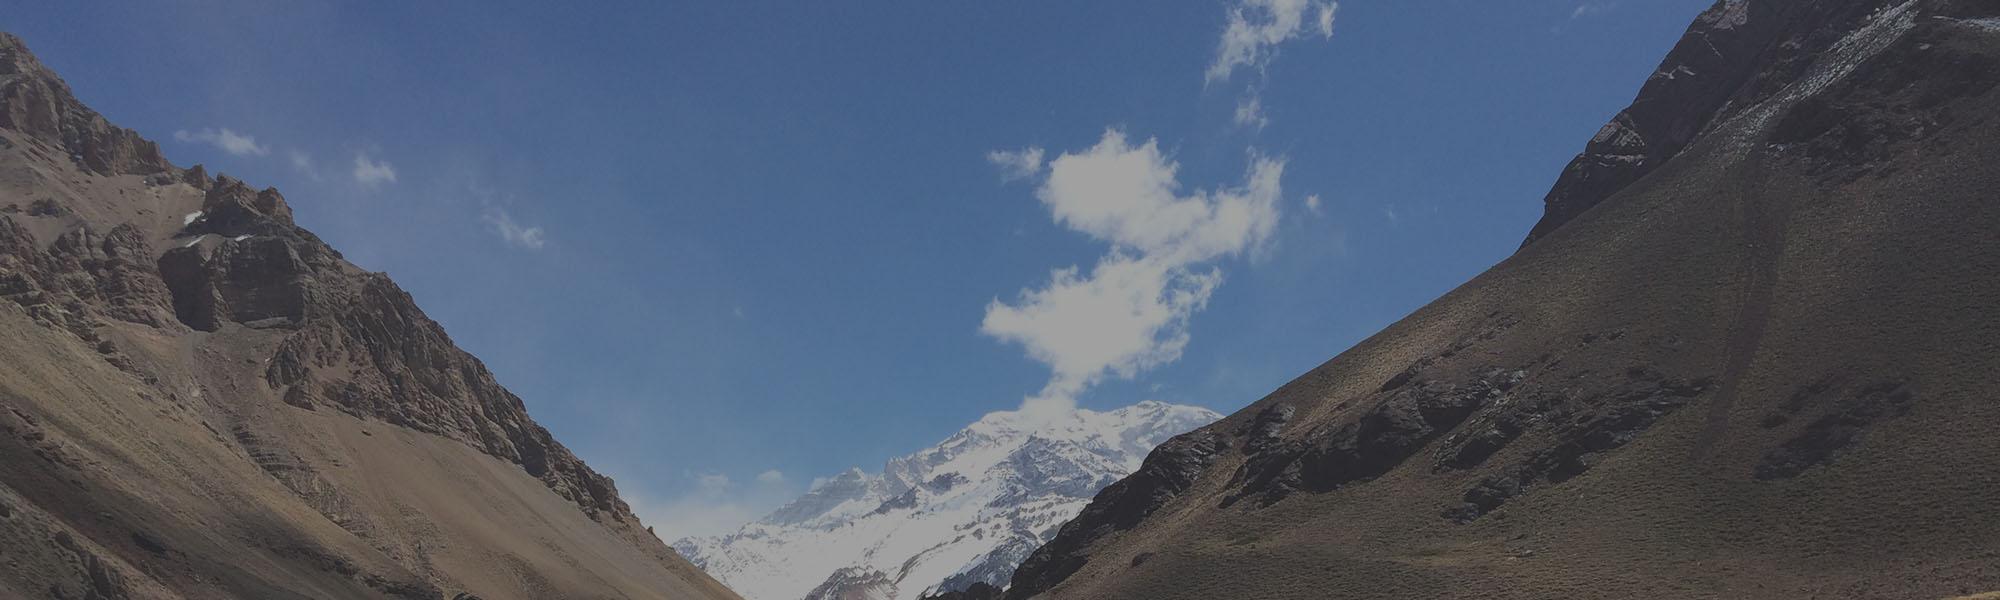 Dónde Ver el Aconcagua desde Chile